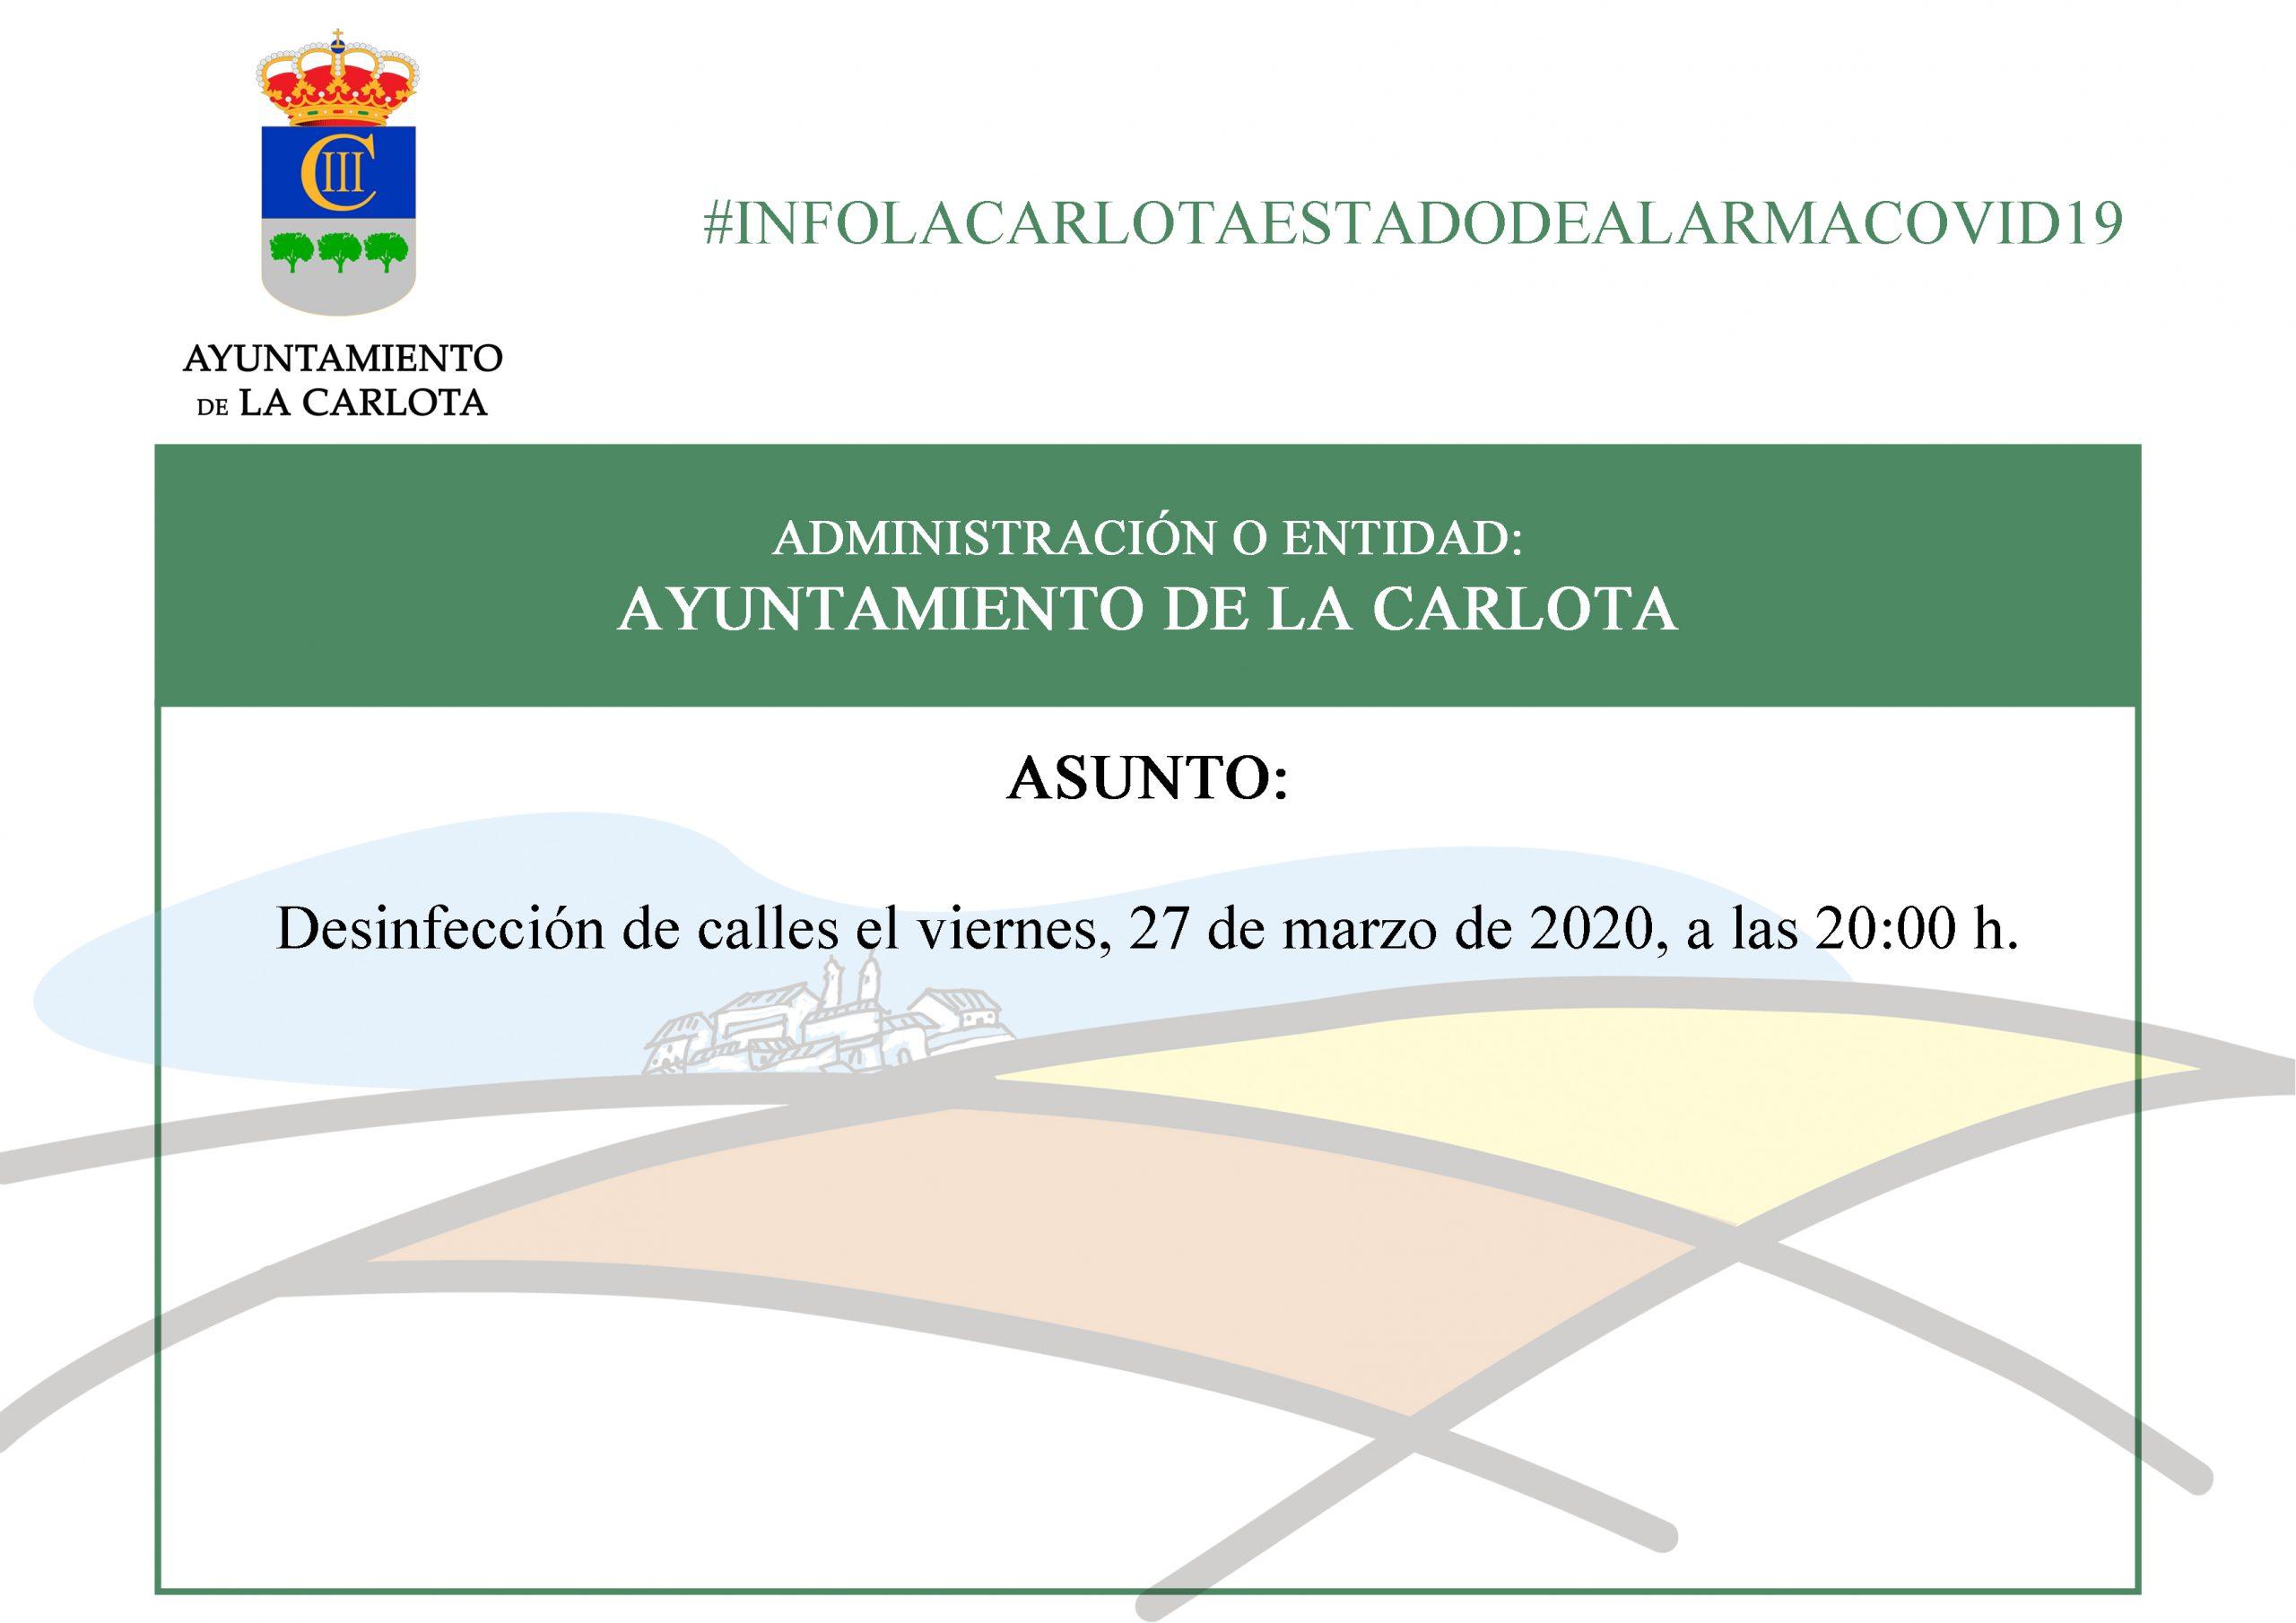 #INFOLACARLOTAESTADODEALARMACOVID19 DESINFECCIÓN DE CALLES EL VIERNES, 27 DE MARZO DE 2020, A LAS 20:00 H. 1